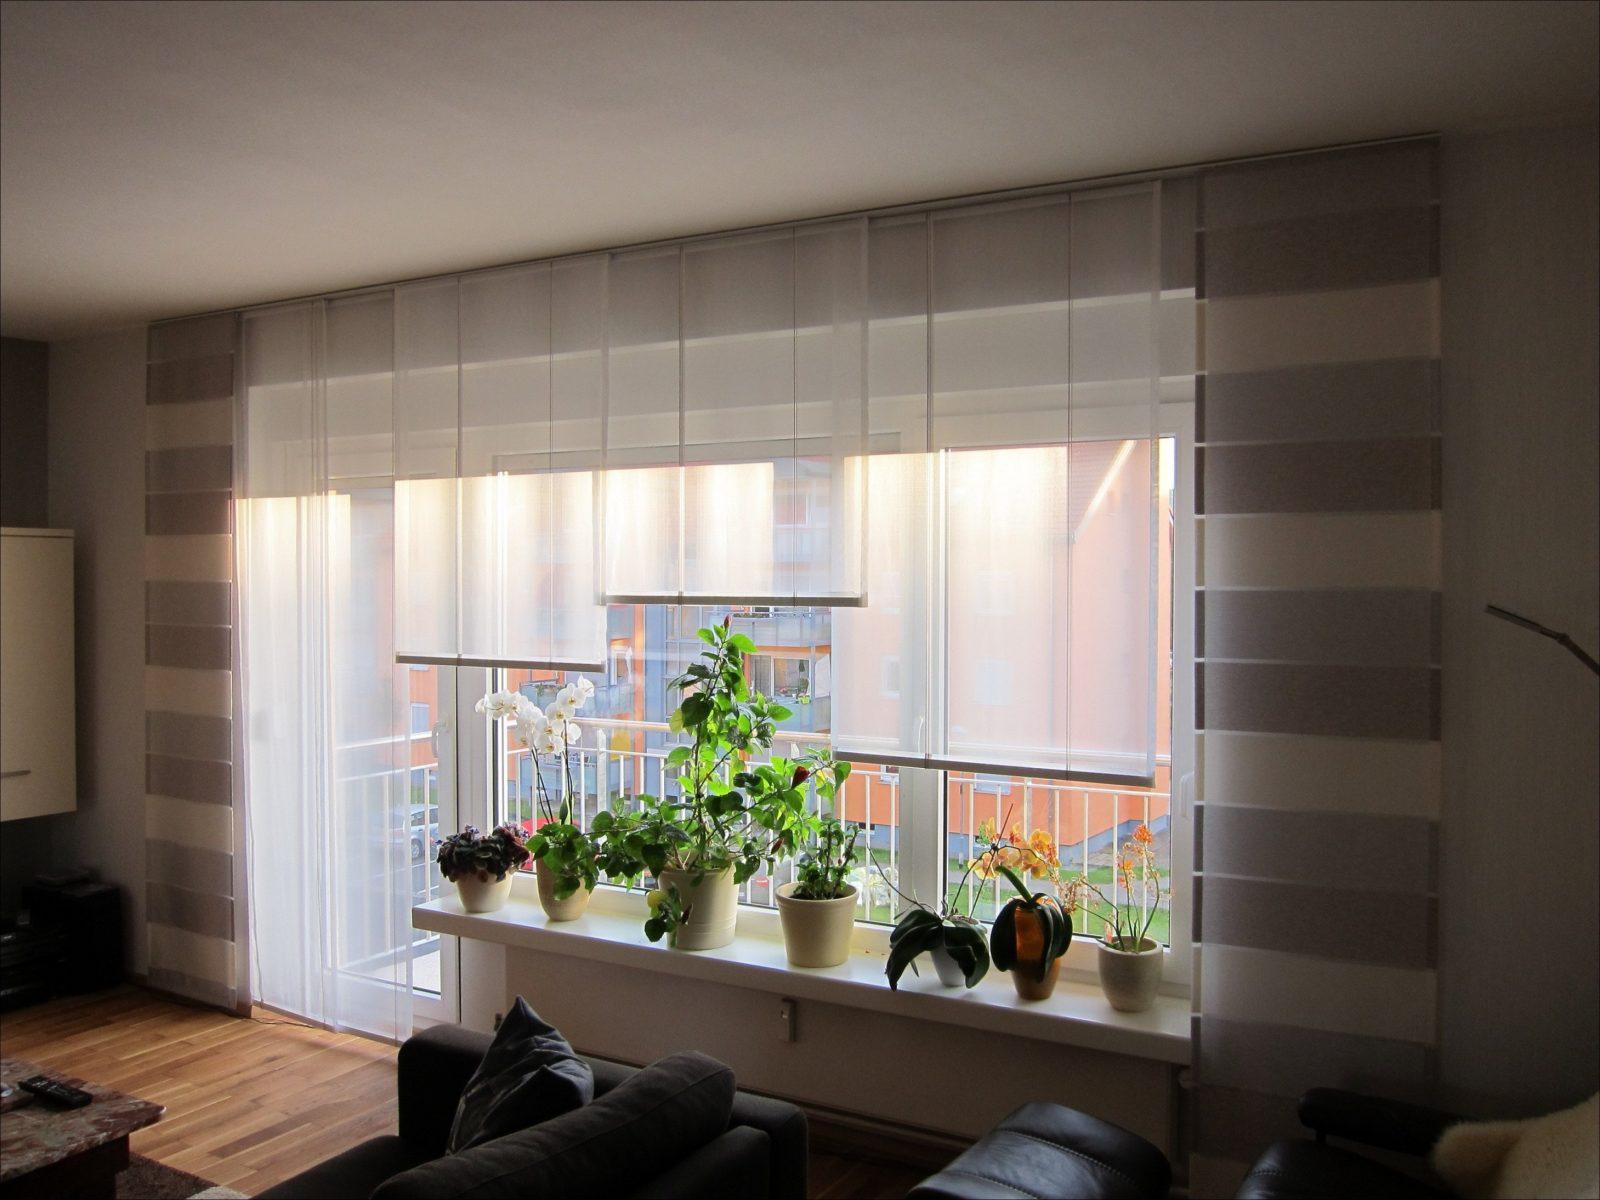 Gardinen Balkontr Und Fenster Elegant Size Fenster Luxus Von Vorhang von Gardinen Für Balkontür Und Fenster Photo